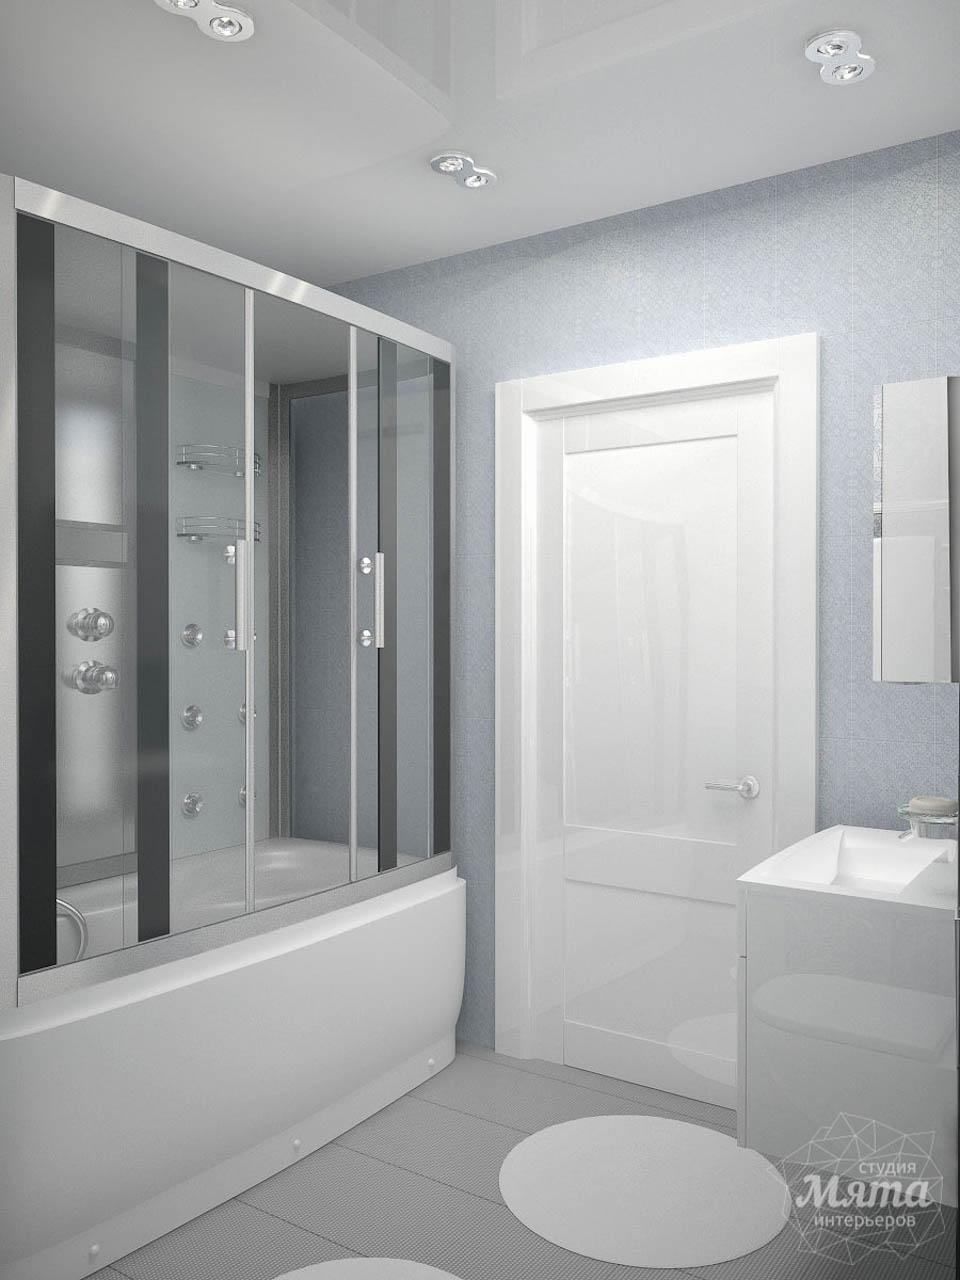 Дизайн интерьера и ремонт трехкомнатной квартиры по ул. Фучика 9 img1884541720